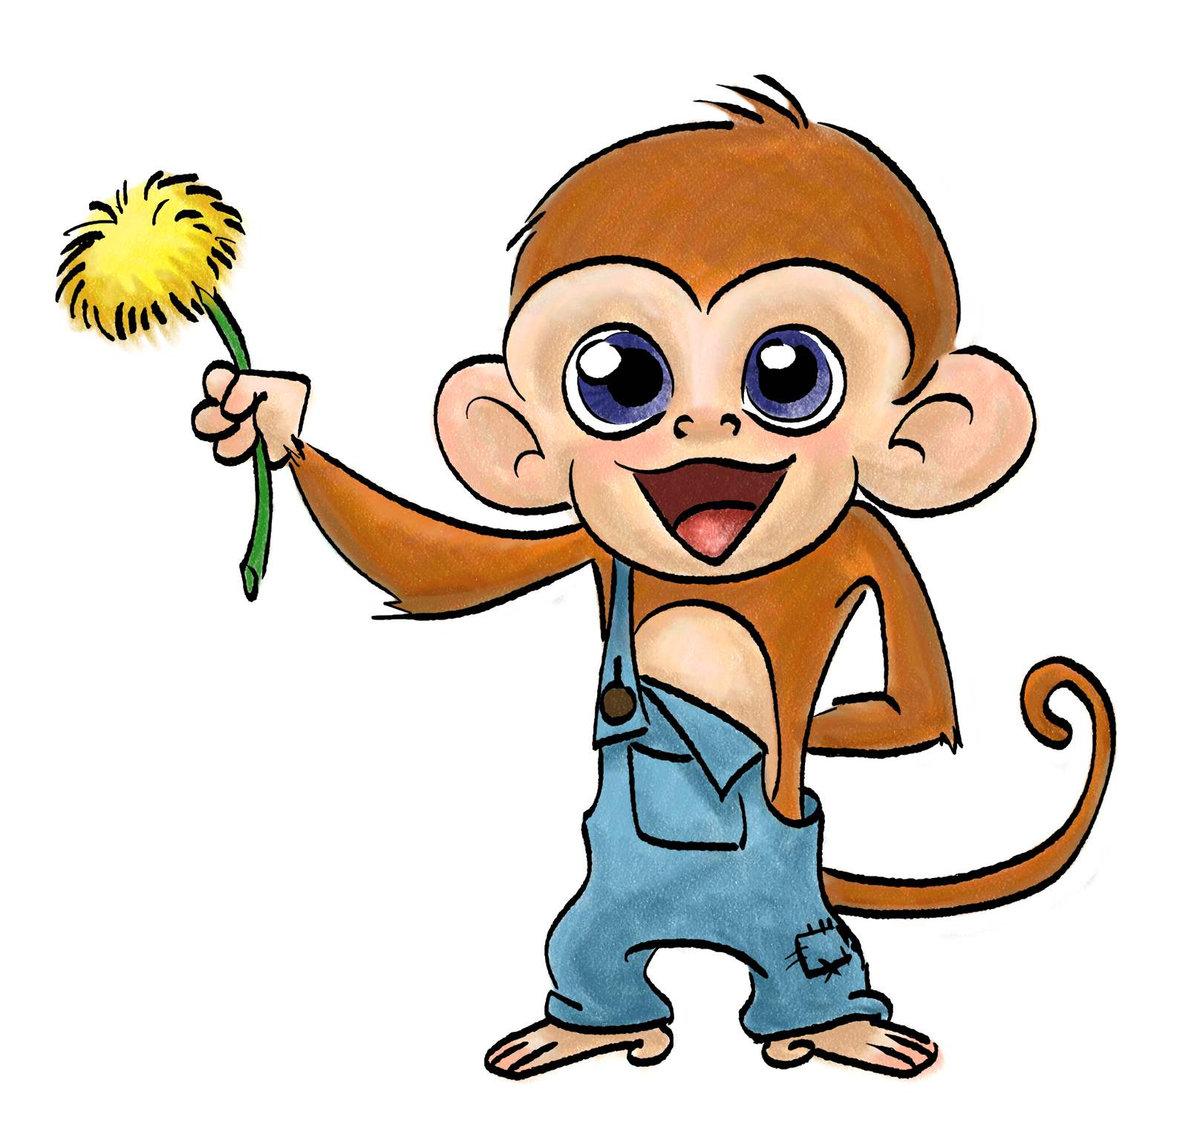 Февраля, рисунки обезьянок смешные